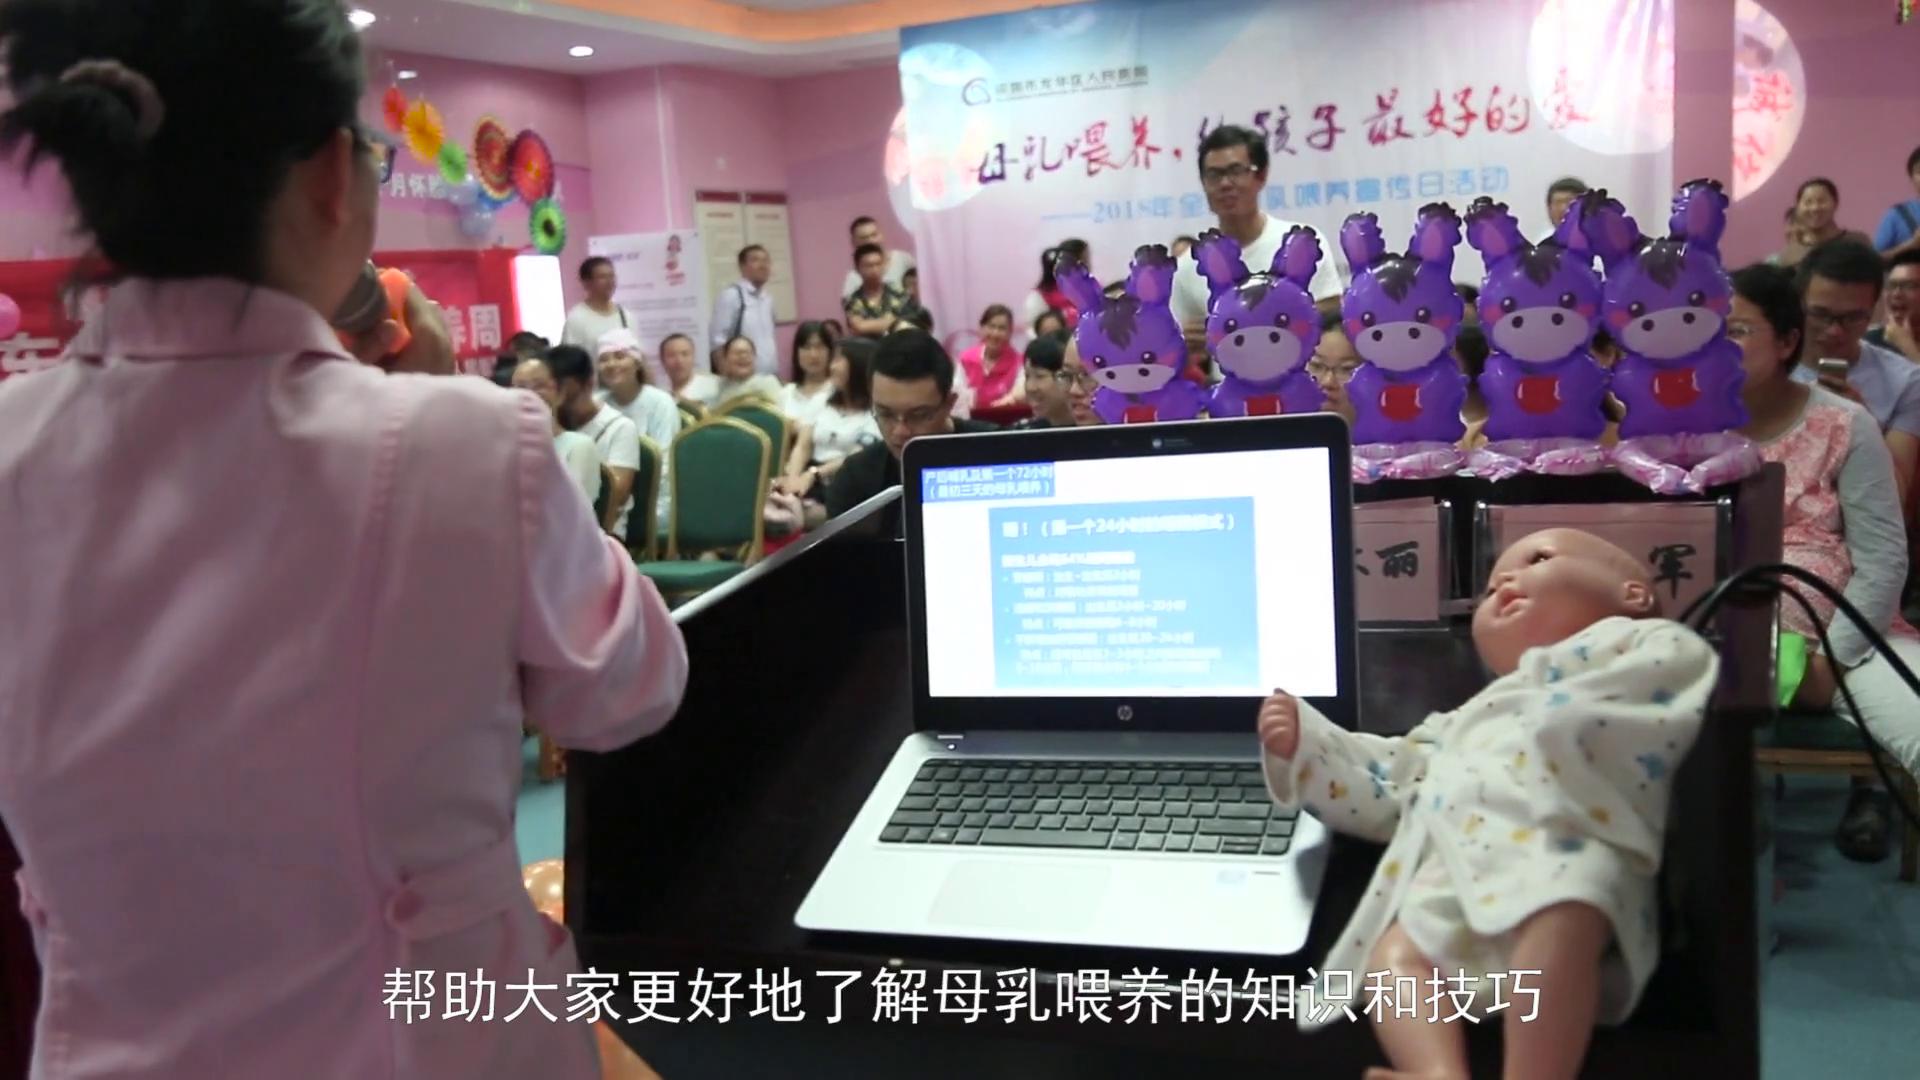 520比心妈妈化身喂爱工程志愿者帮助现场孕妈认识母乳喂养